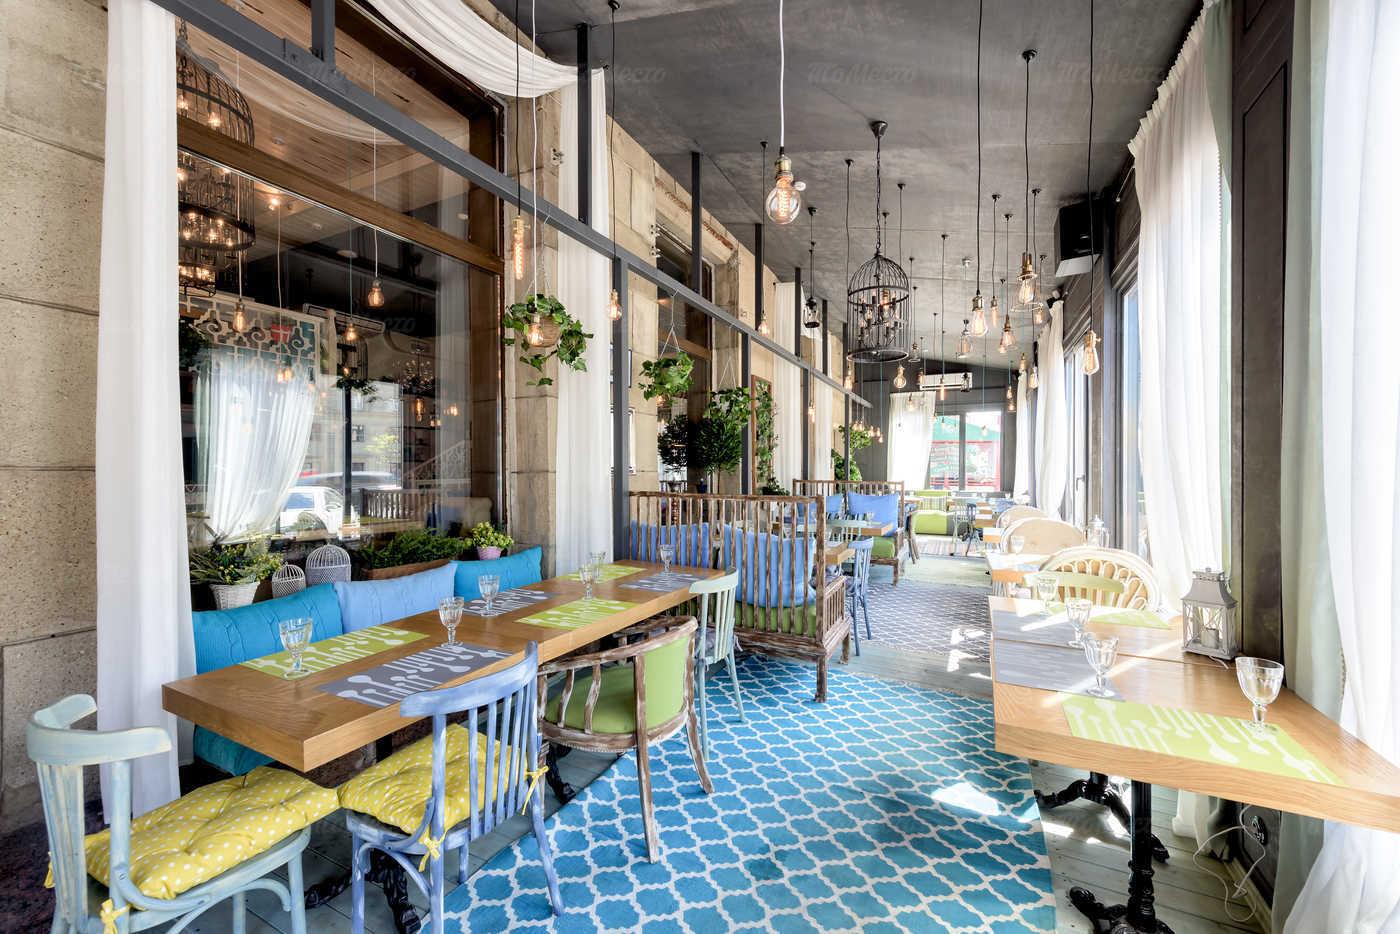 Меню кафе Che-Dor (Че-Дор) на Московском проспекте